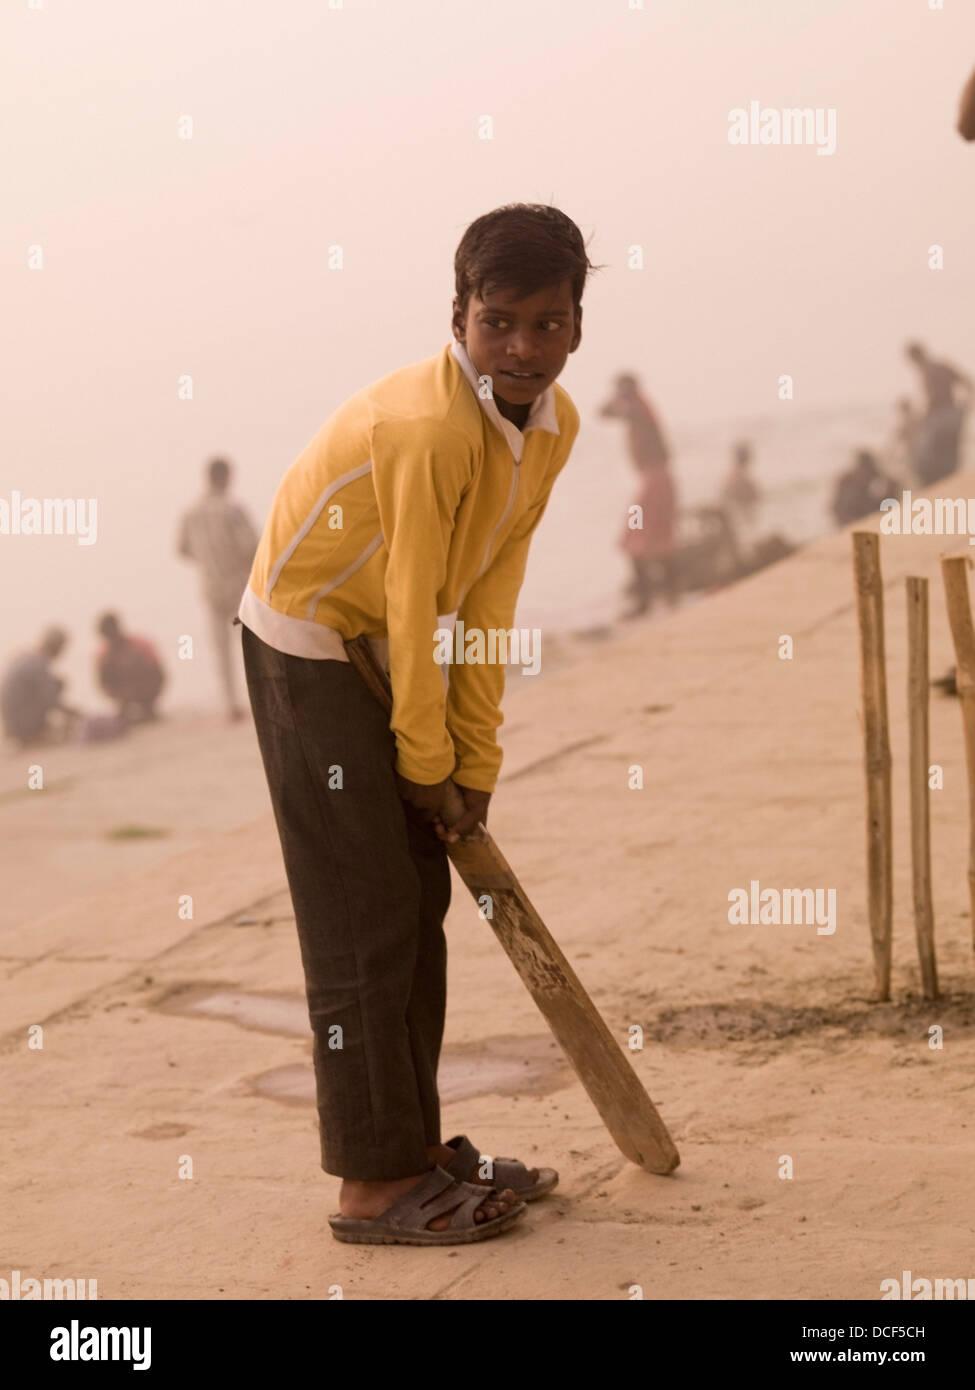 Kleiner Junge spielt Cricket von Ganges; Fluss Ganges, Varanasi, Indien Stockfoto